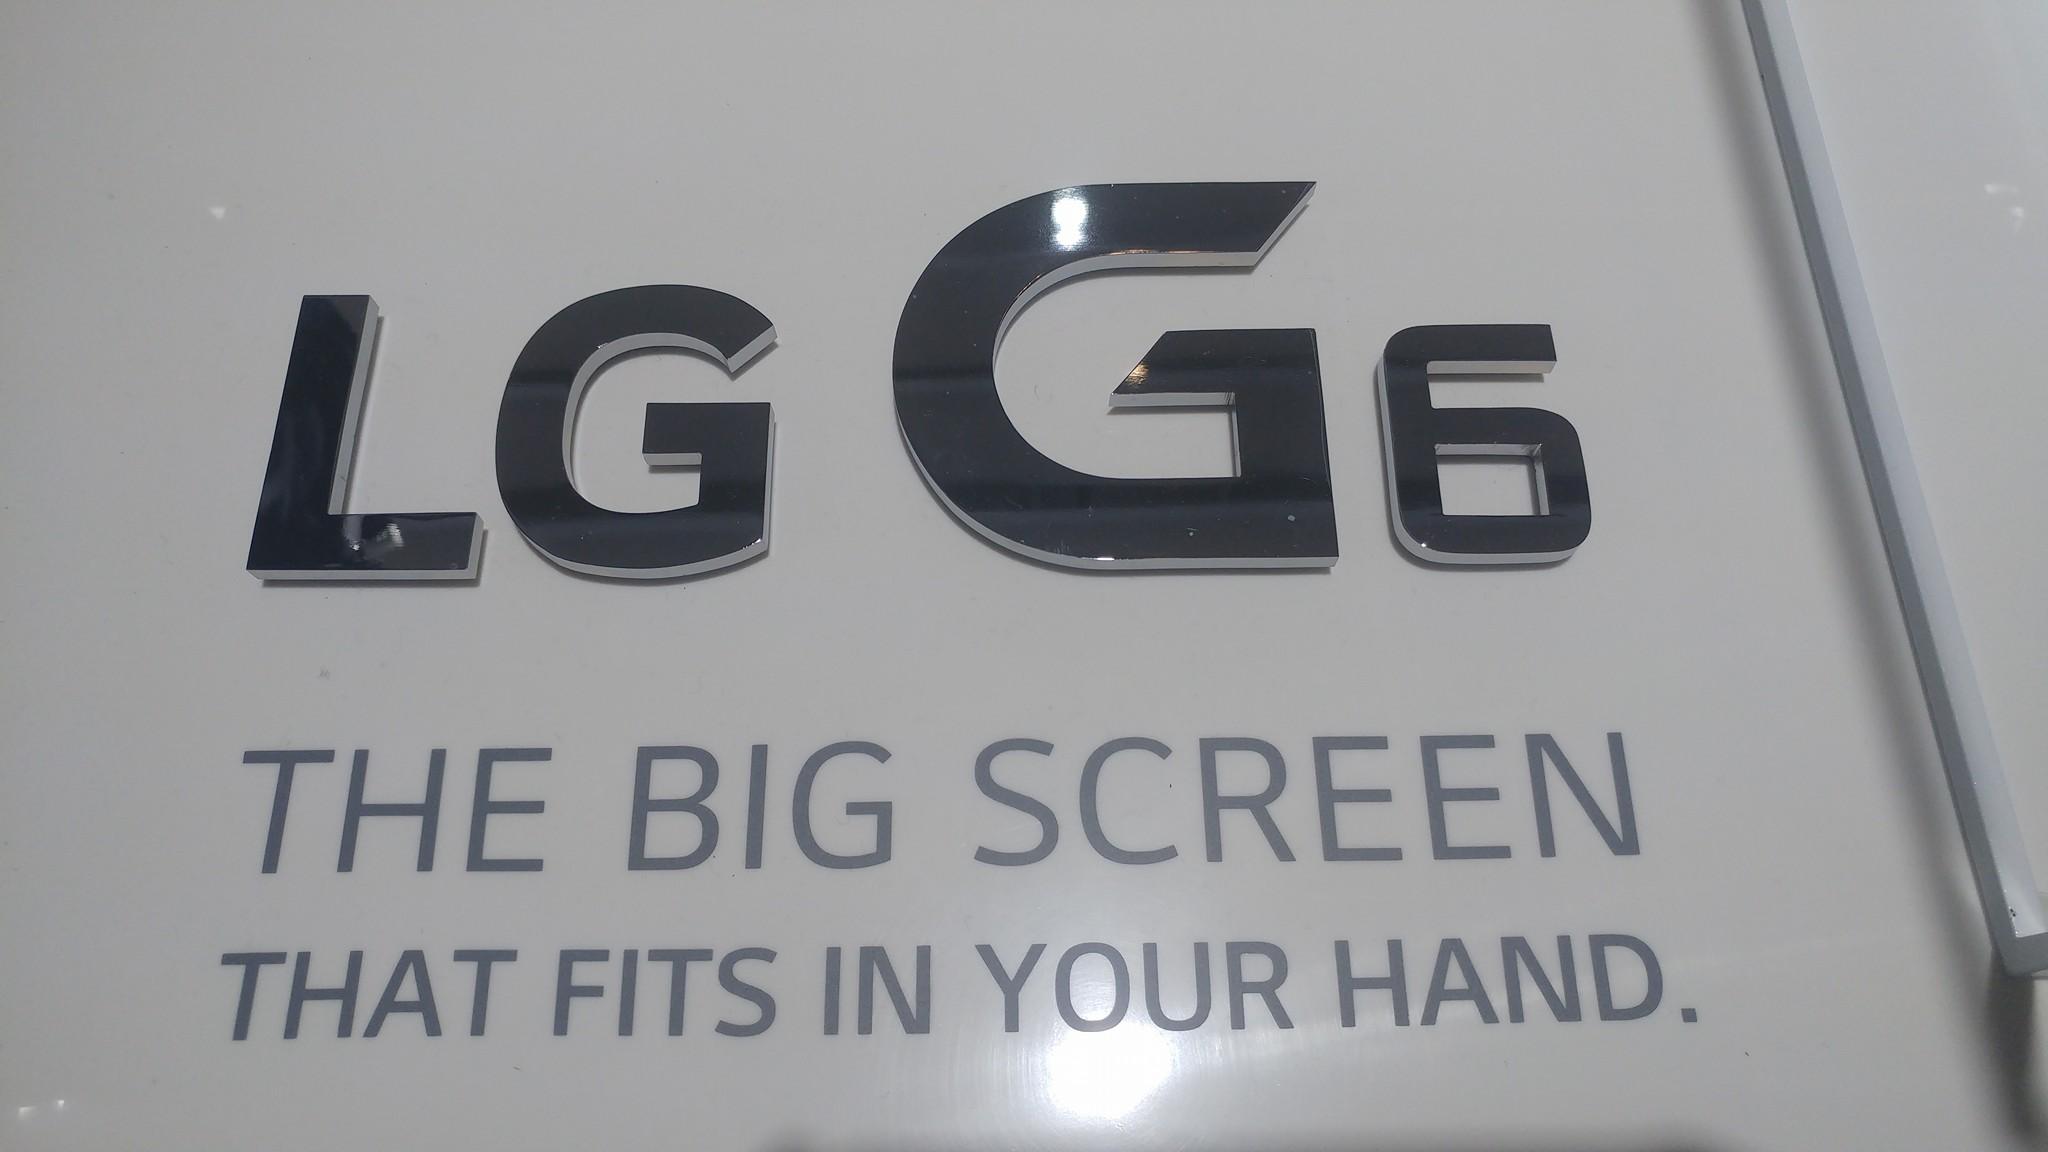 lgg66